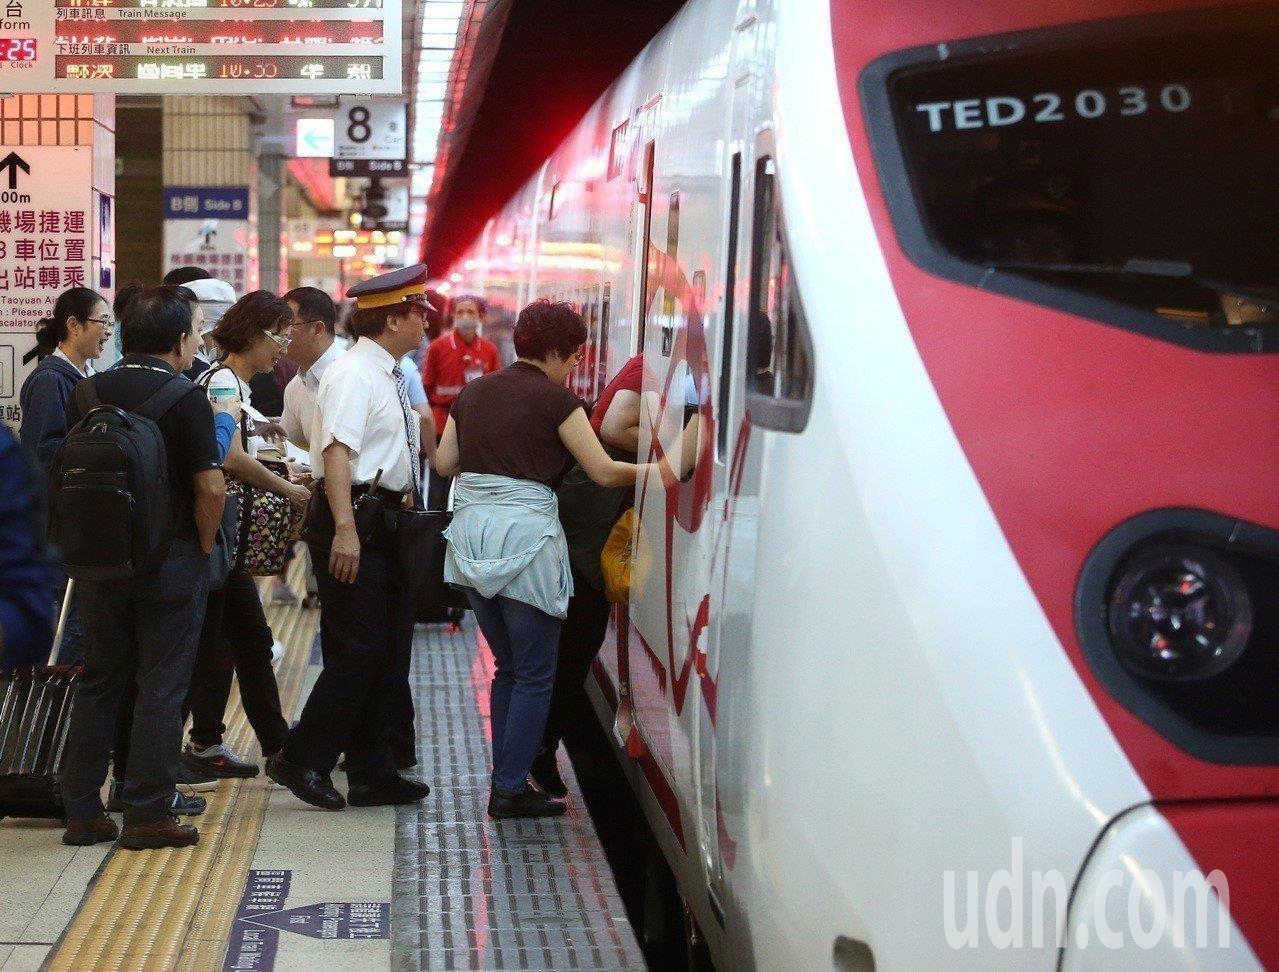 東部幹線火車票一位難求,台鐵宣布花東實名制常態實施。本報資料照片